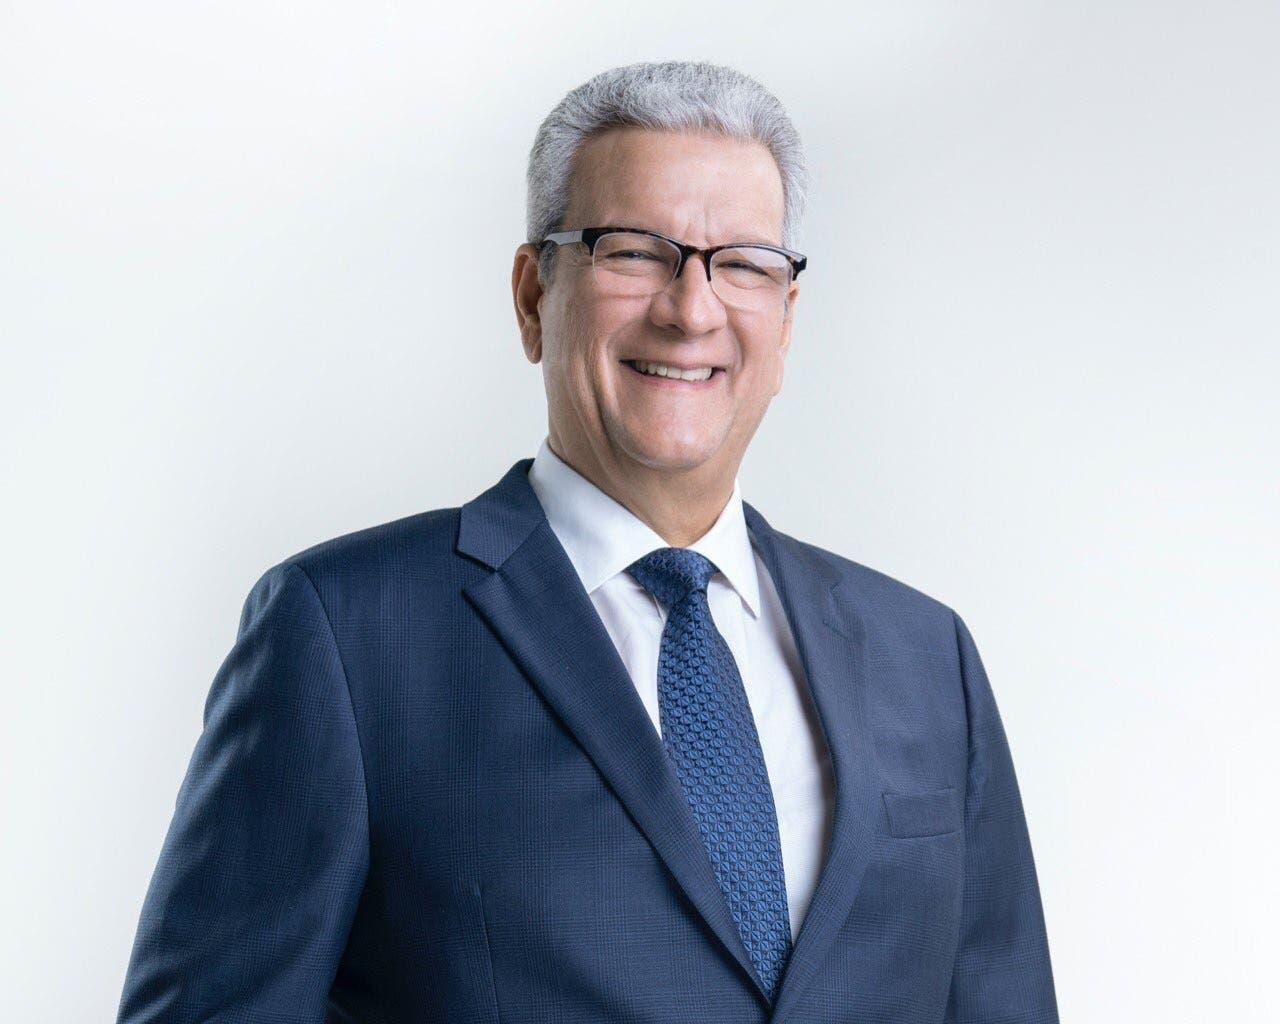 ¿Quién es Lisandro Macarrulla, sustituto de Montalvo como Ministro de la Presidencia?